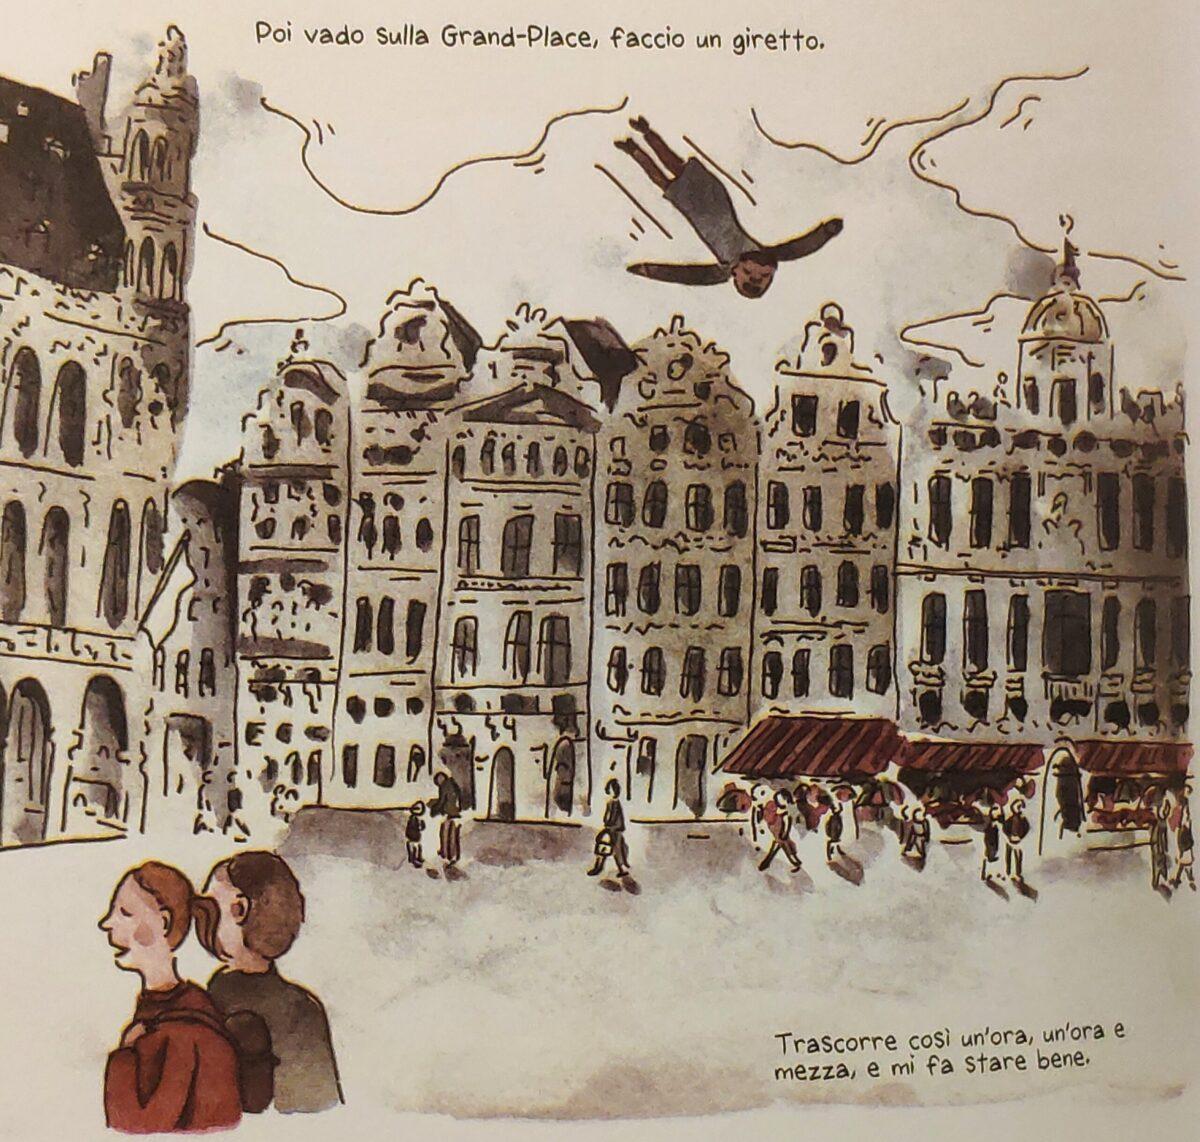 Mio caro fumetto... - Evadere con la mente e fare un giro della Grand-Place di Bruxelles